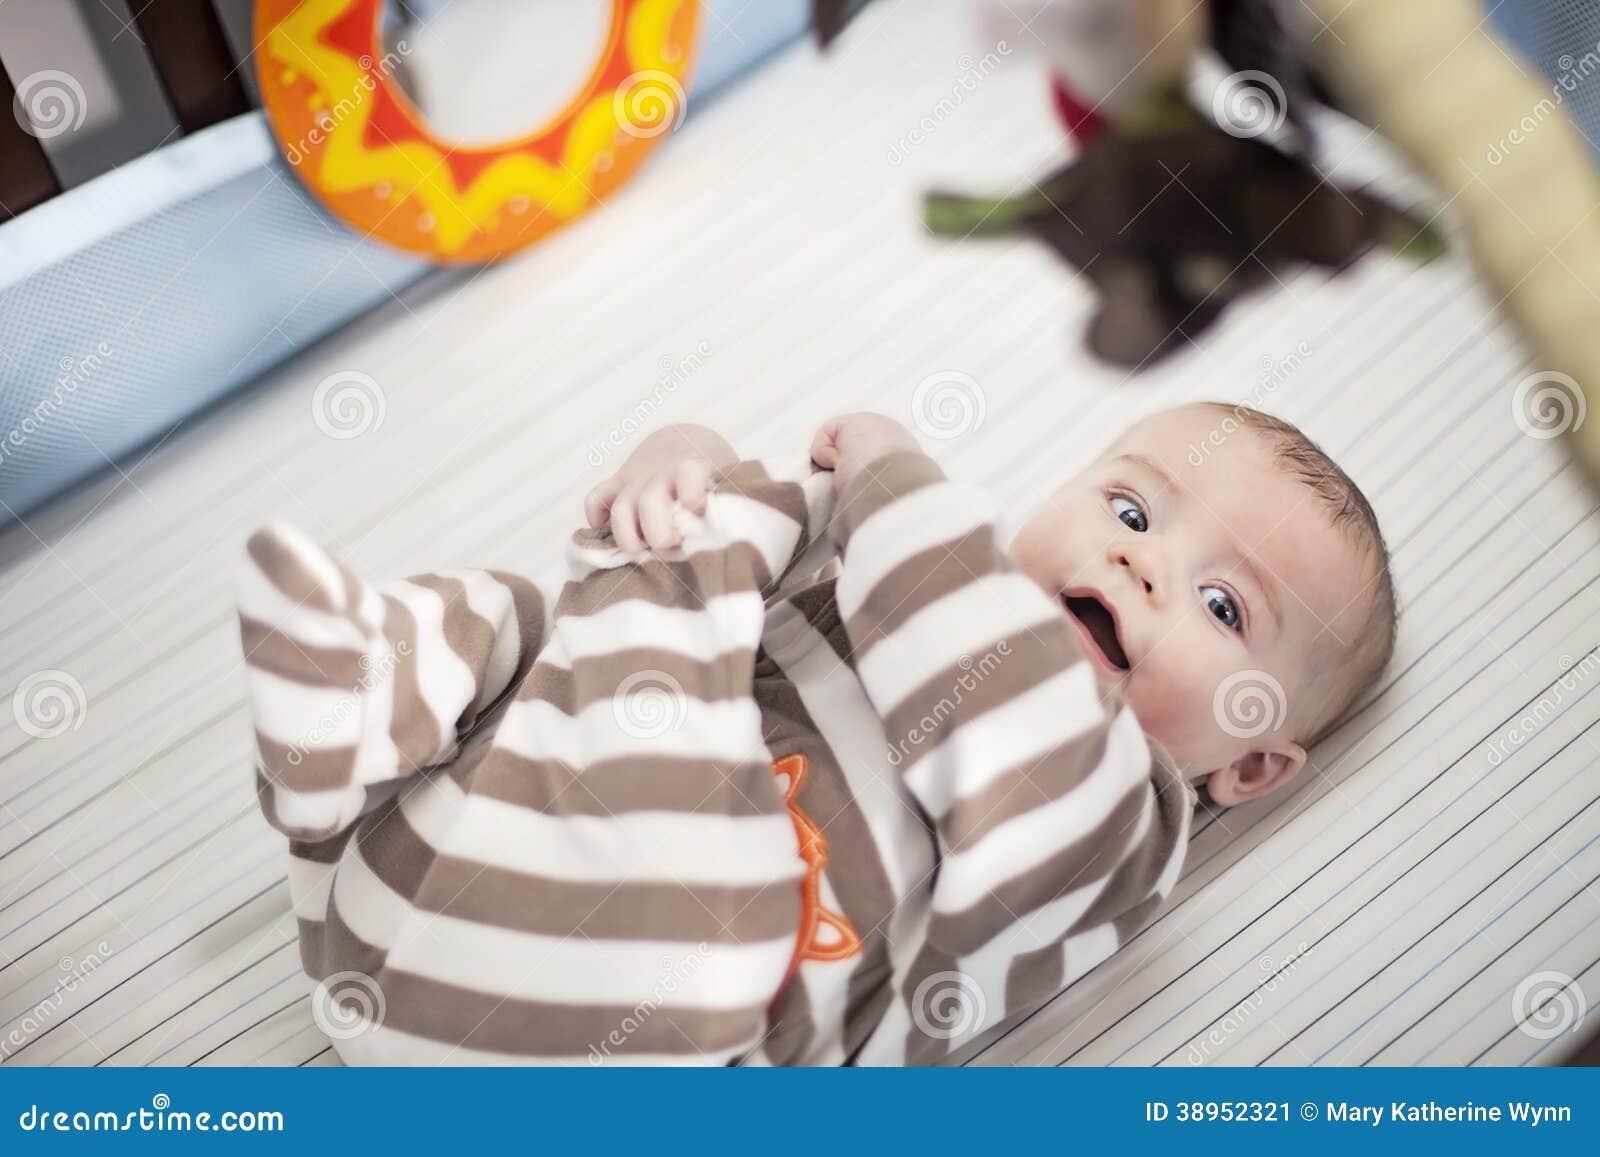 Счастливый младенец в шпаргалке